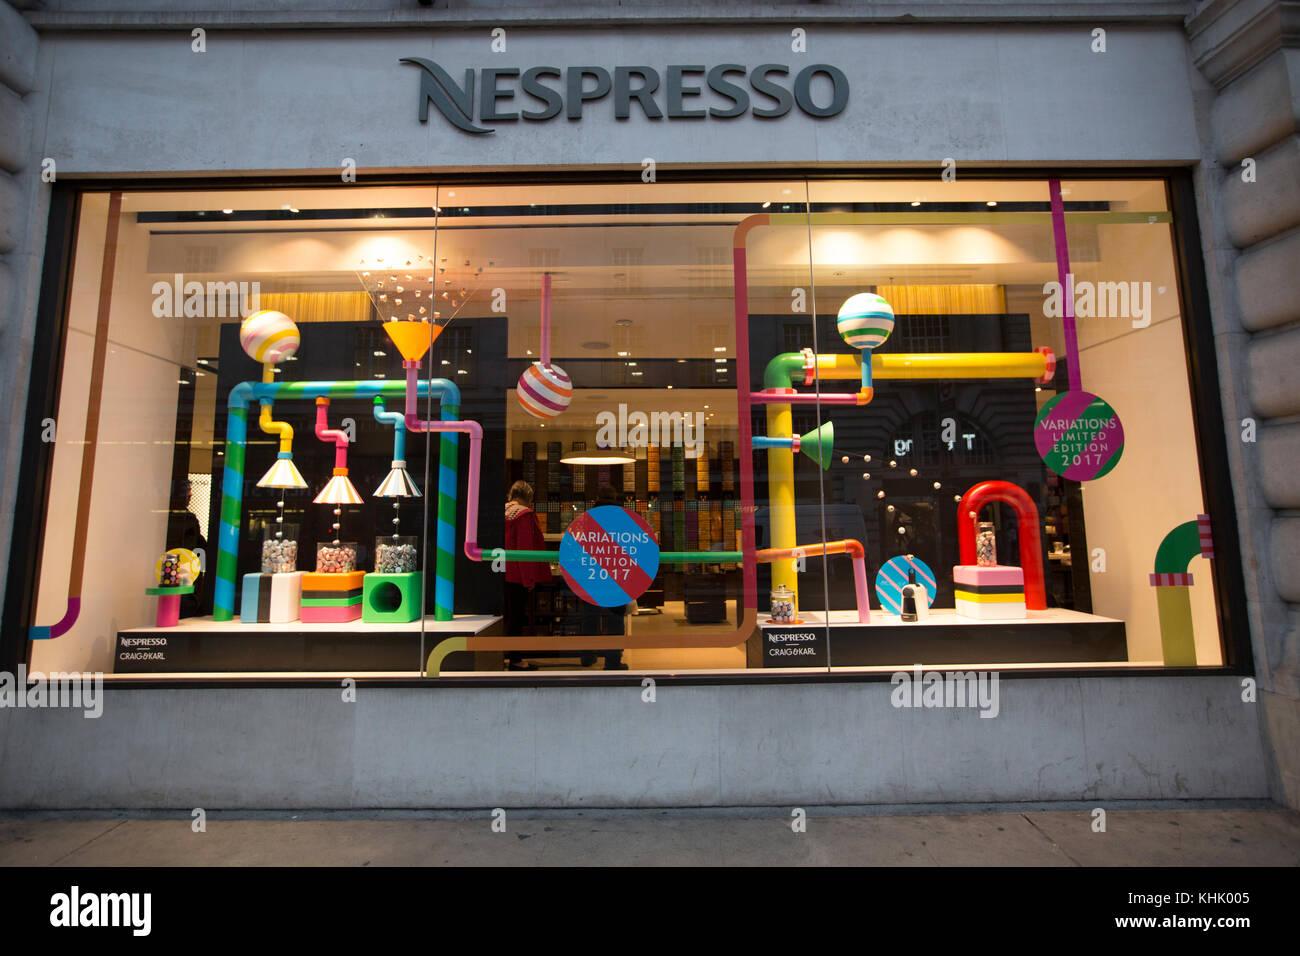 Nespresso Shop Stock Photos Nespresso Shop Stock Images Alamy